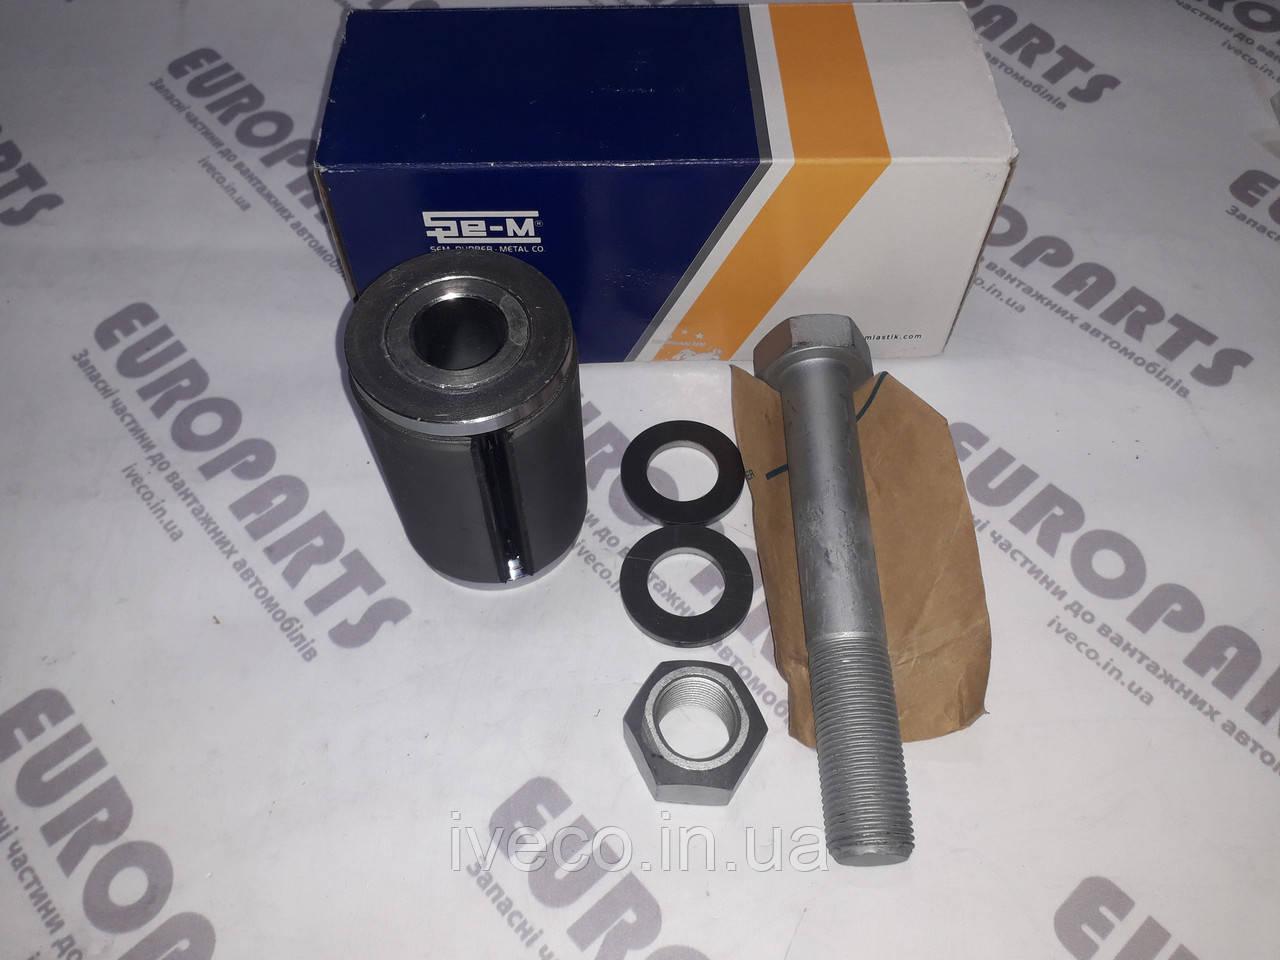 Комплект ремонтный рессоры RVI KERAX MAGNUM PREMIUM VOLVO FE  20592656 20929989 7420929989 7420929989S